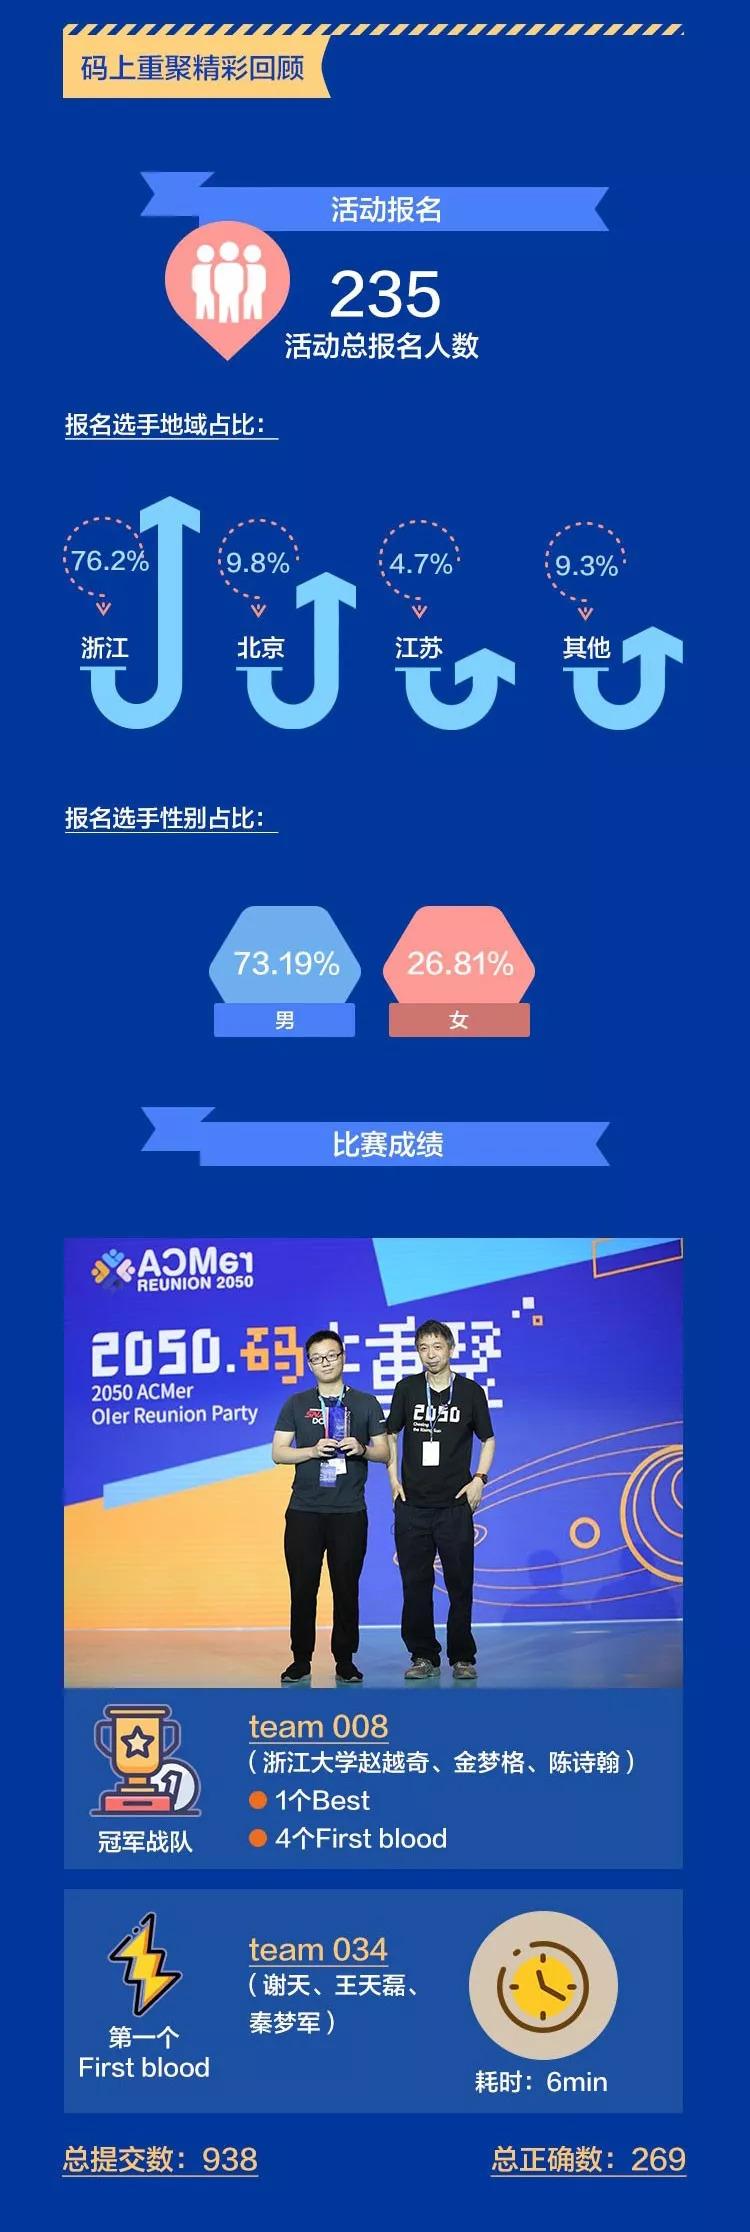 2050 码上重聚-ACMer战报,冠军揭晓!